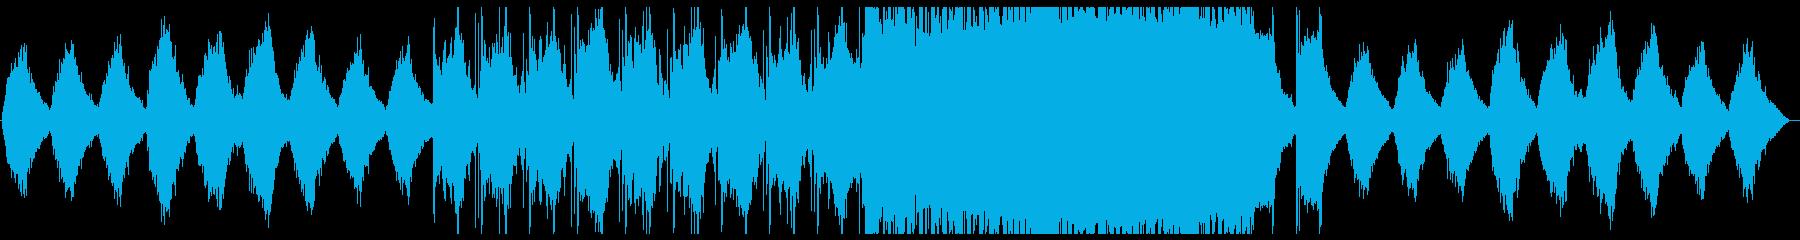 【ゲーム、アプリ等】近未来的なBGMの再生済みの波形